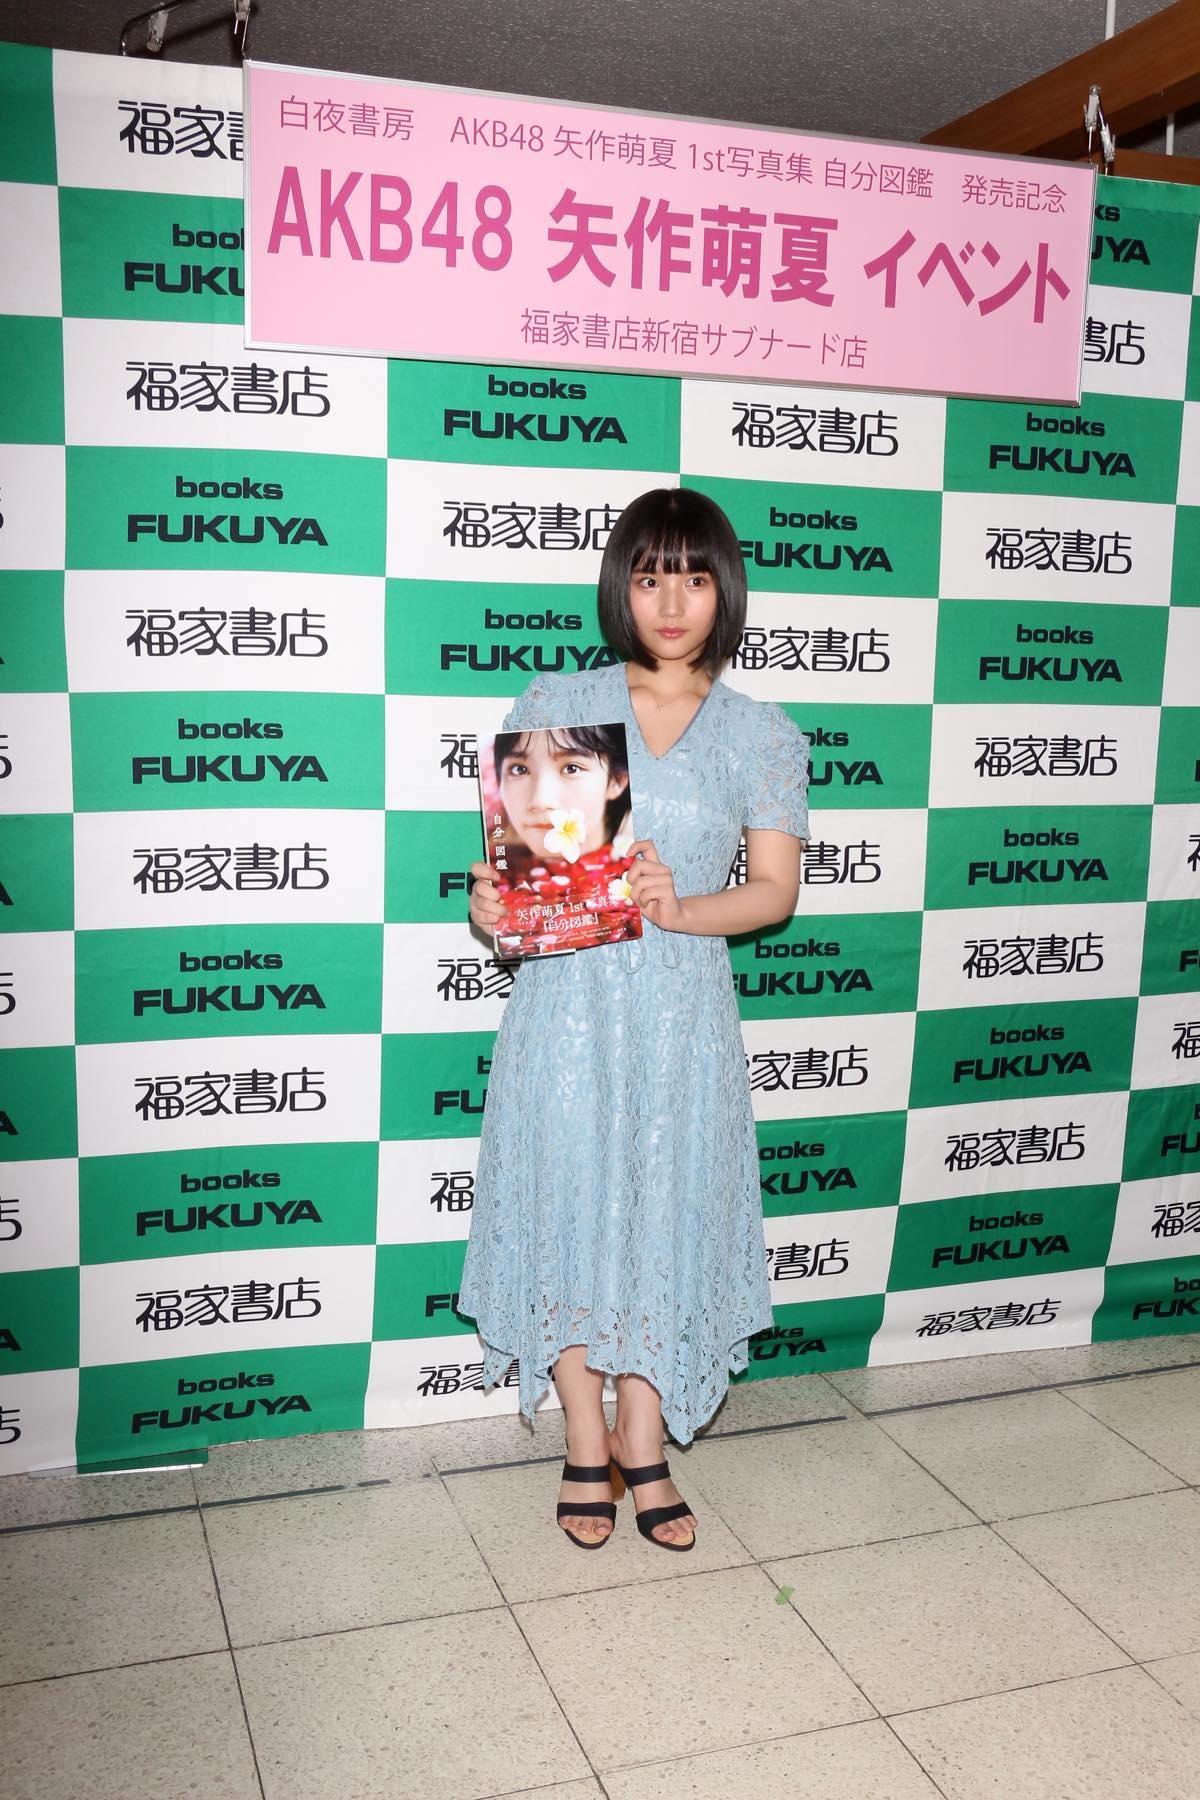 AKB48矢作萌夏「頑張っちゃった」1st写真集の見どころは?【写真28枚】の画像012